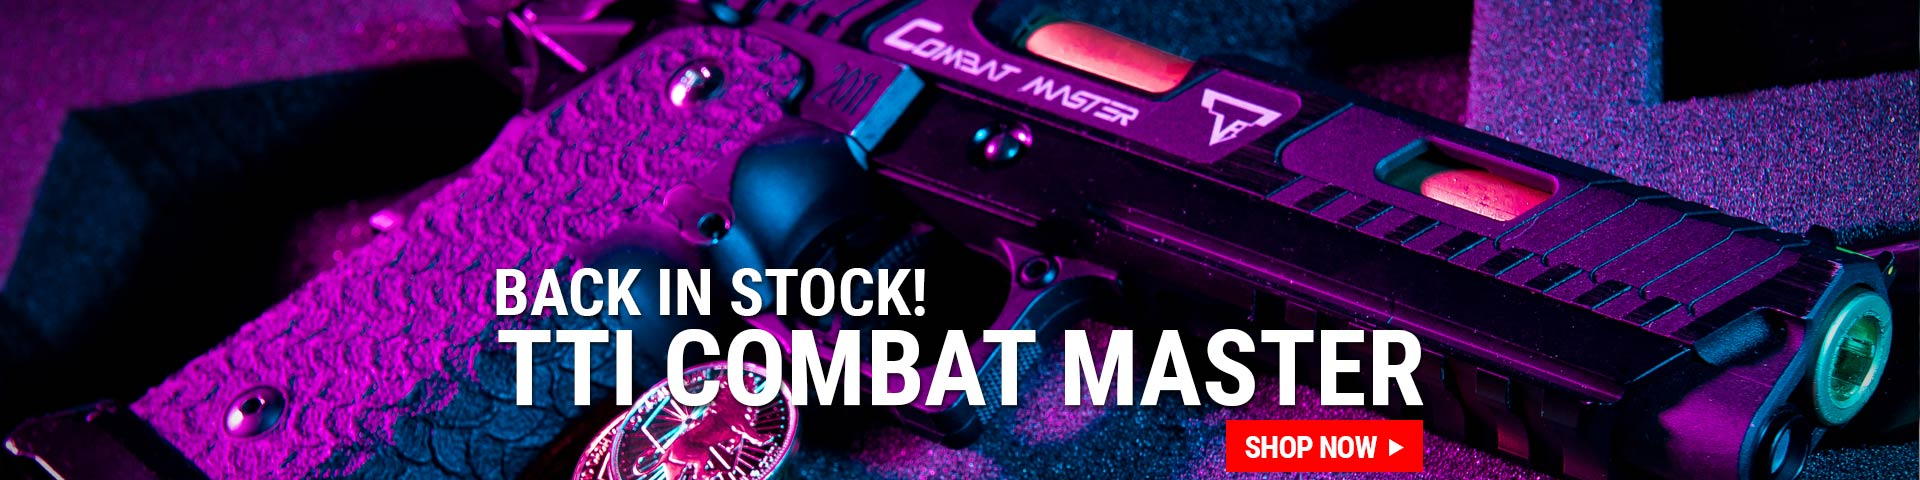 TTI Combat Master Back in Stock